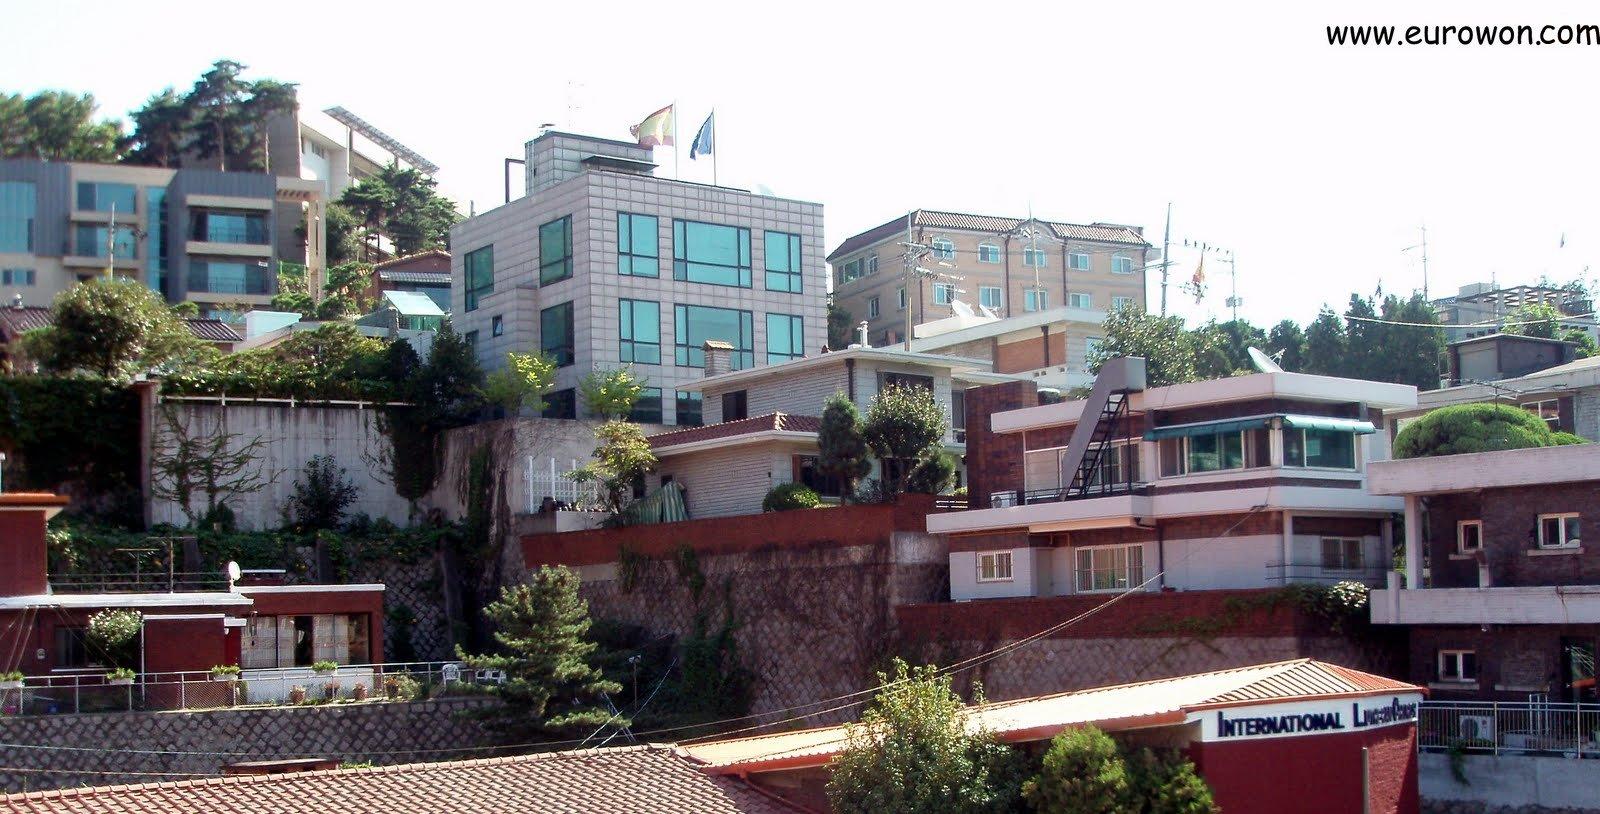 Embajada de espa a en se l corea del sur eurowon - Embaja de espana ...